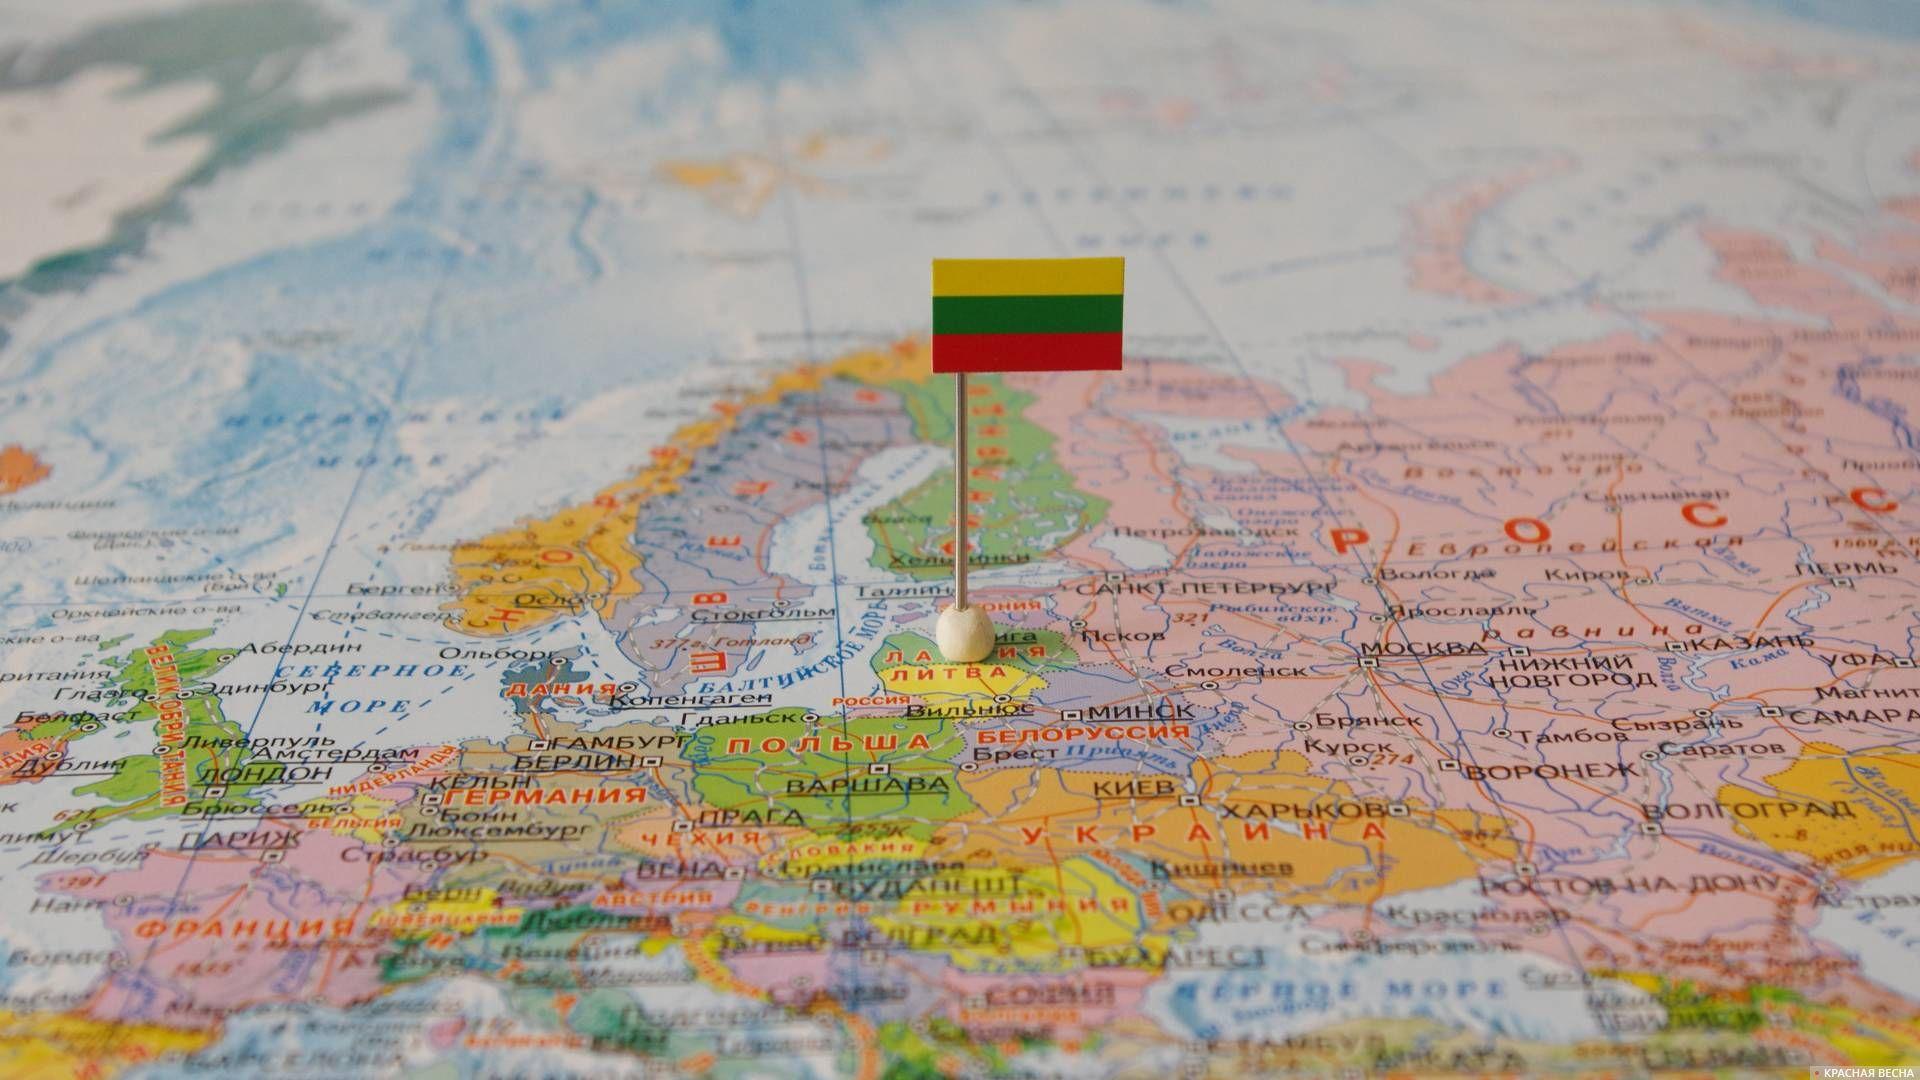 Литва с флагом на карте мира. 08.11.17